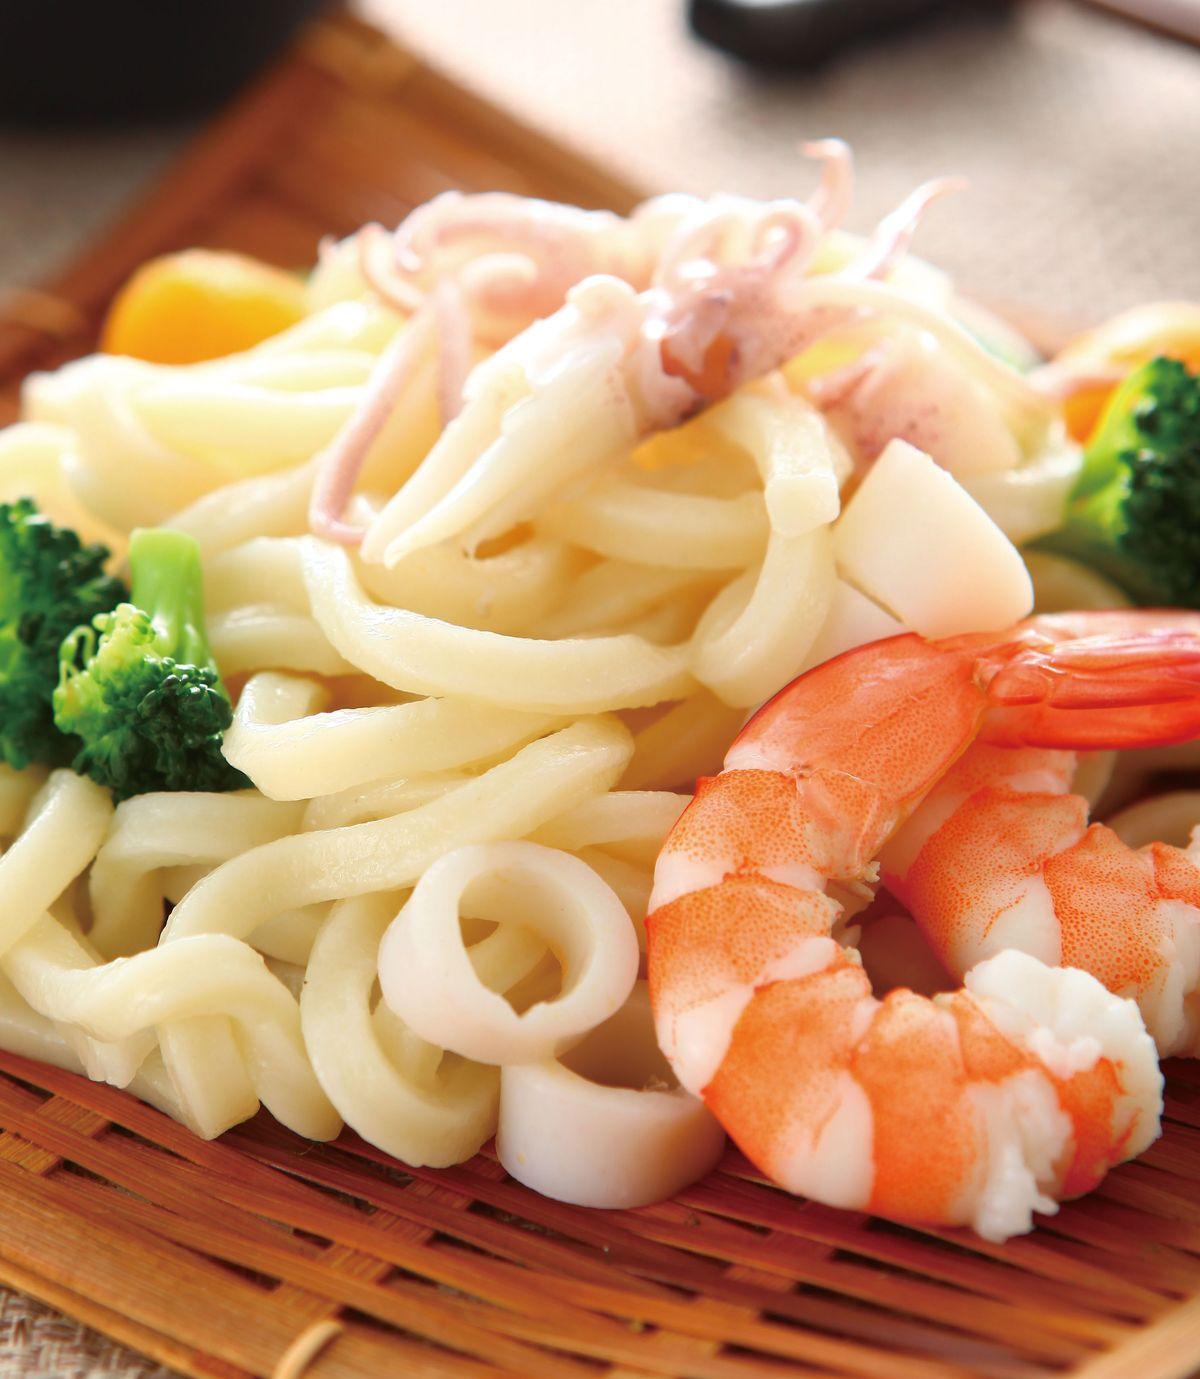 食譜:海鮮烏龍冷麵